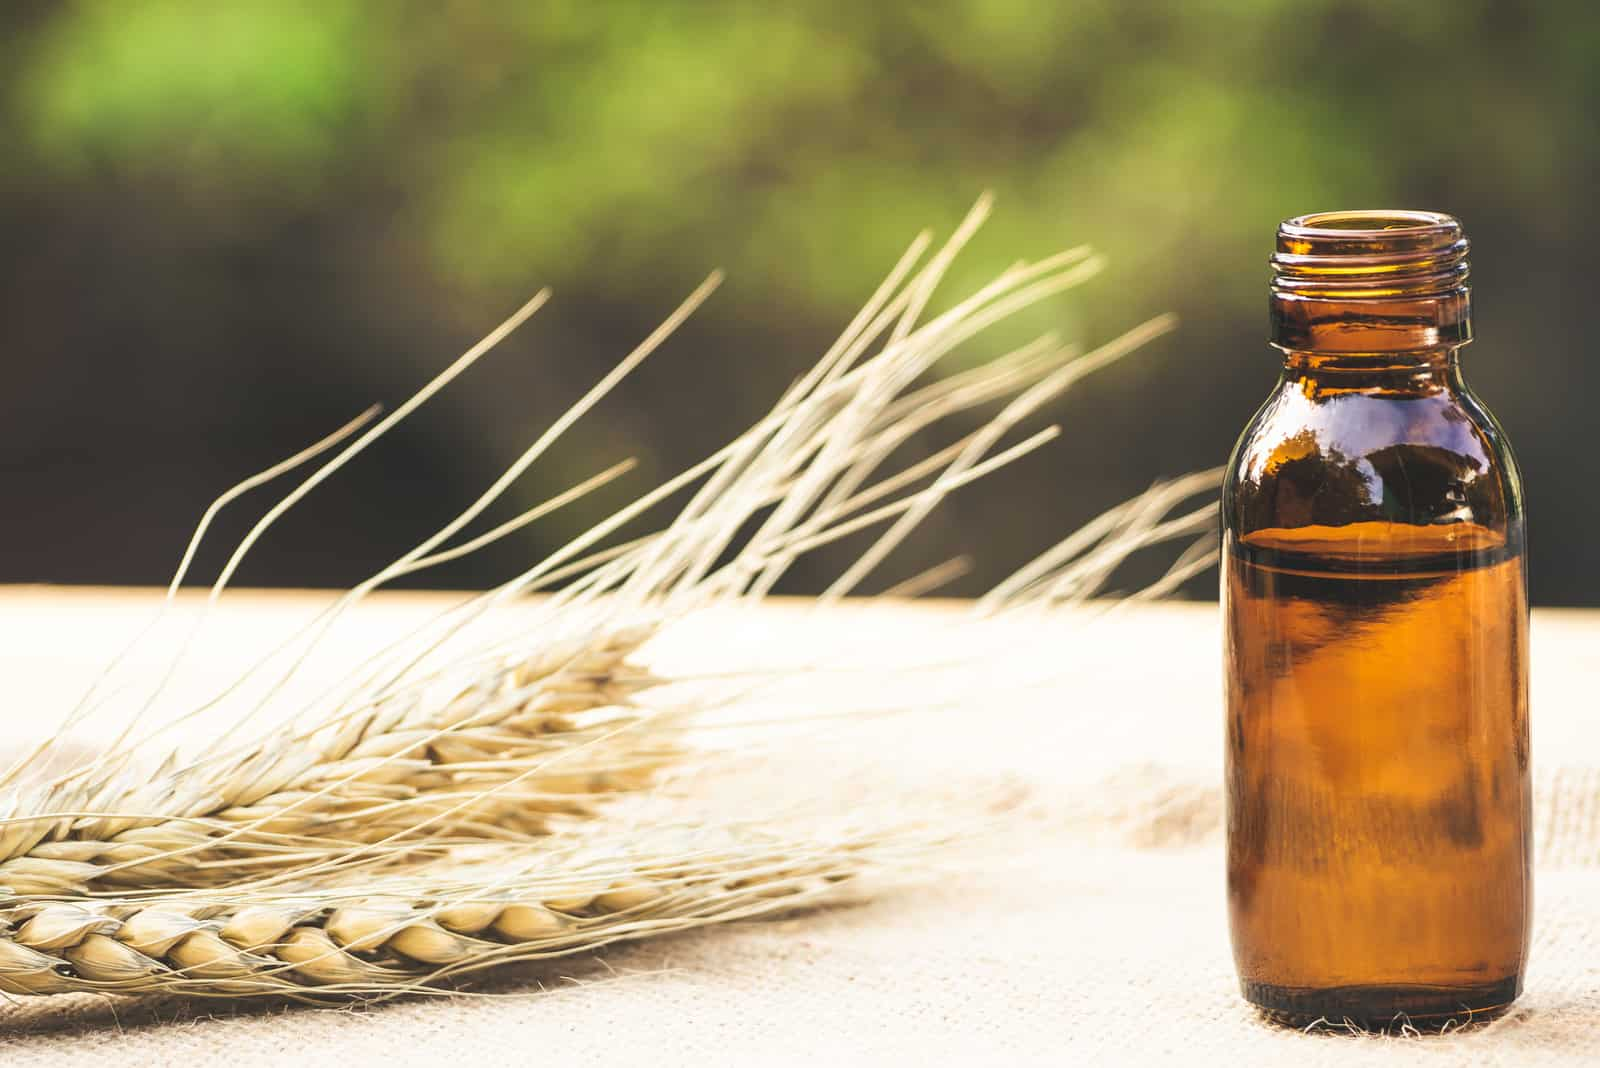 Alternativmedizin in der Flasche